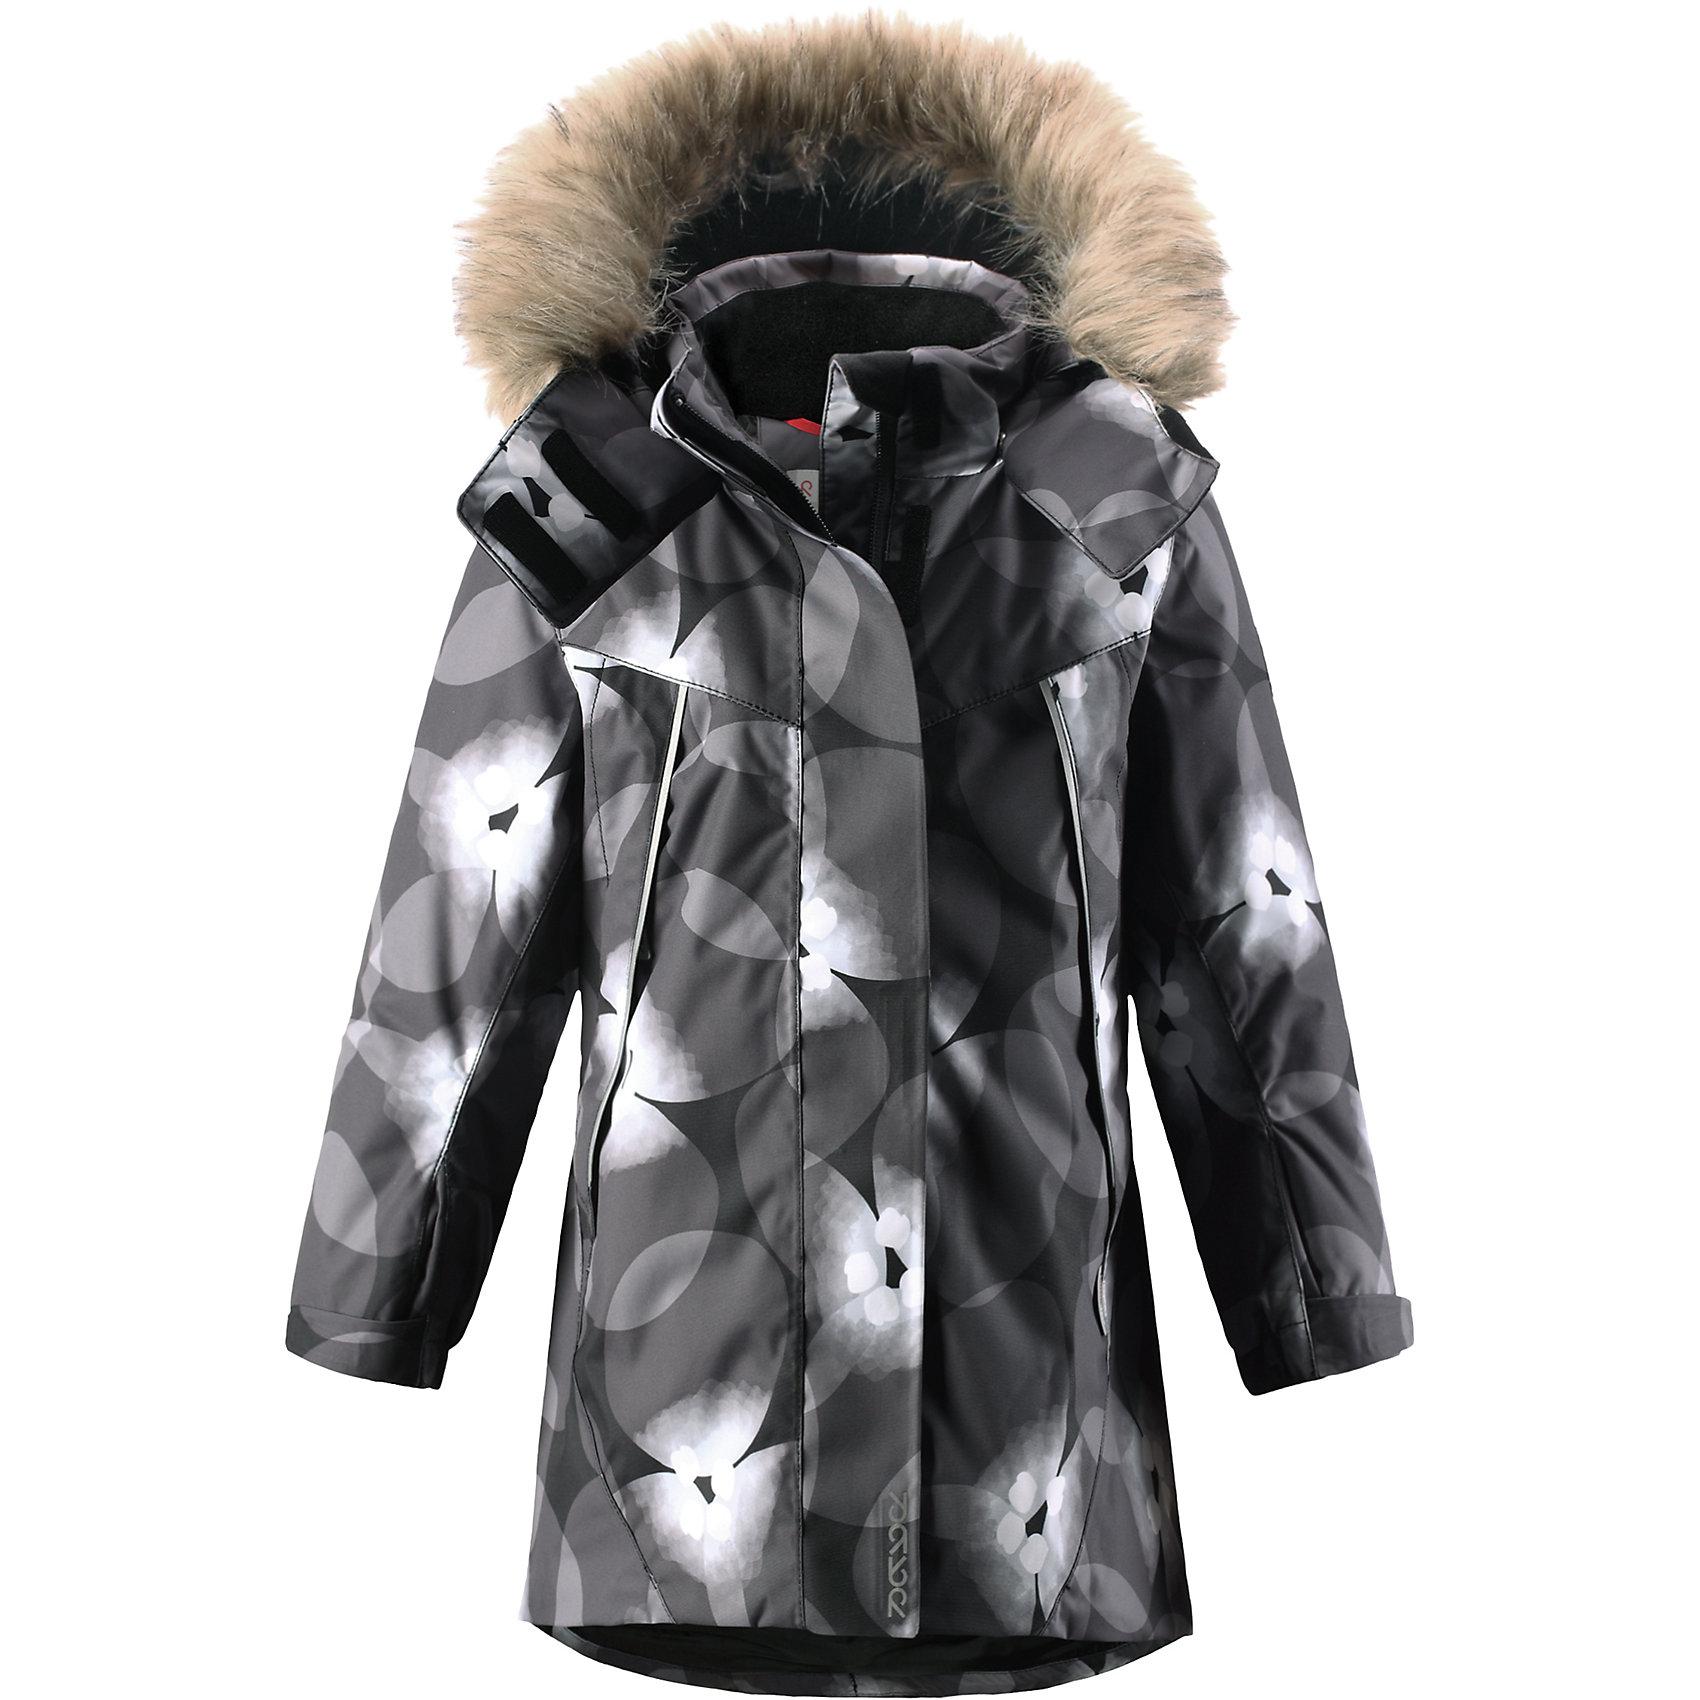 Куртка Muhvi для девочки Reimatec® ReimaОдежда<br>Куртка для девочки Reimatec® Reima<br>Зимняя куртка для детей. Все швы проклеены и водонепроницаемы. Водо- и ветронепроницаемый, «дышащий» и грязеотталкивающий материал. Крой для девочек. Гладкая подкладка из полиэстра. Безопасный отстегивающийся и регулируемый капюшон с отсоединяемой меховой каймой из искусственного меха. Регулируемый манжет на липучке. Эластичный пояс сзади. Удлиненный подол сзади. Регулируемый подол. Внутренний нагрудный карман. Два кармана на молнии. Принт по всей поверхности. Безопасные светоотражающие детали.<br>Утеплитель: Reima® Soft Loft insulation,160 g<br>Уход:<br>Стирать по отдельности, вывернув наизнанку. Перед стиркой отстегните искусственный мех. Застегнуть молнии и липучки. Стирать моющим средством, не содержащим отбеливающие вещества. Полоскать без специального средства. Во избежание изменения цвета изделие необходимо вынуть из стиральной машинки незамедлительно после окончания программы стирки. Можно сушить в сушильном шкафу или центрифуге (макс. 40° C).<br>Состав:<br>100% Полиамид, полиуретановое покрытие<br><br>Ширина мм: 356<br>Глубина мм: 10<br>Высота мм: 245<br>Вес г: 519<br>Цвет: черный<br>Возраст от месяцев: 24<br>Возраст до месяцев: 36<br>Пол: Женский<br>Возраст: Детский<br>Размер: 98,116,140,122,110,92,104,134,128<br>SKU: 4777946